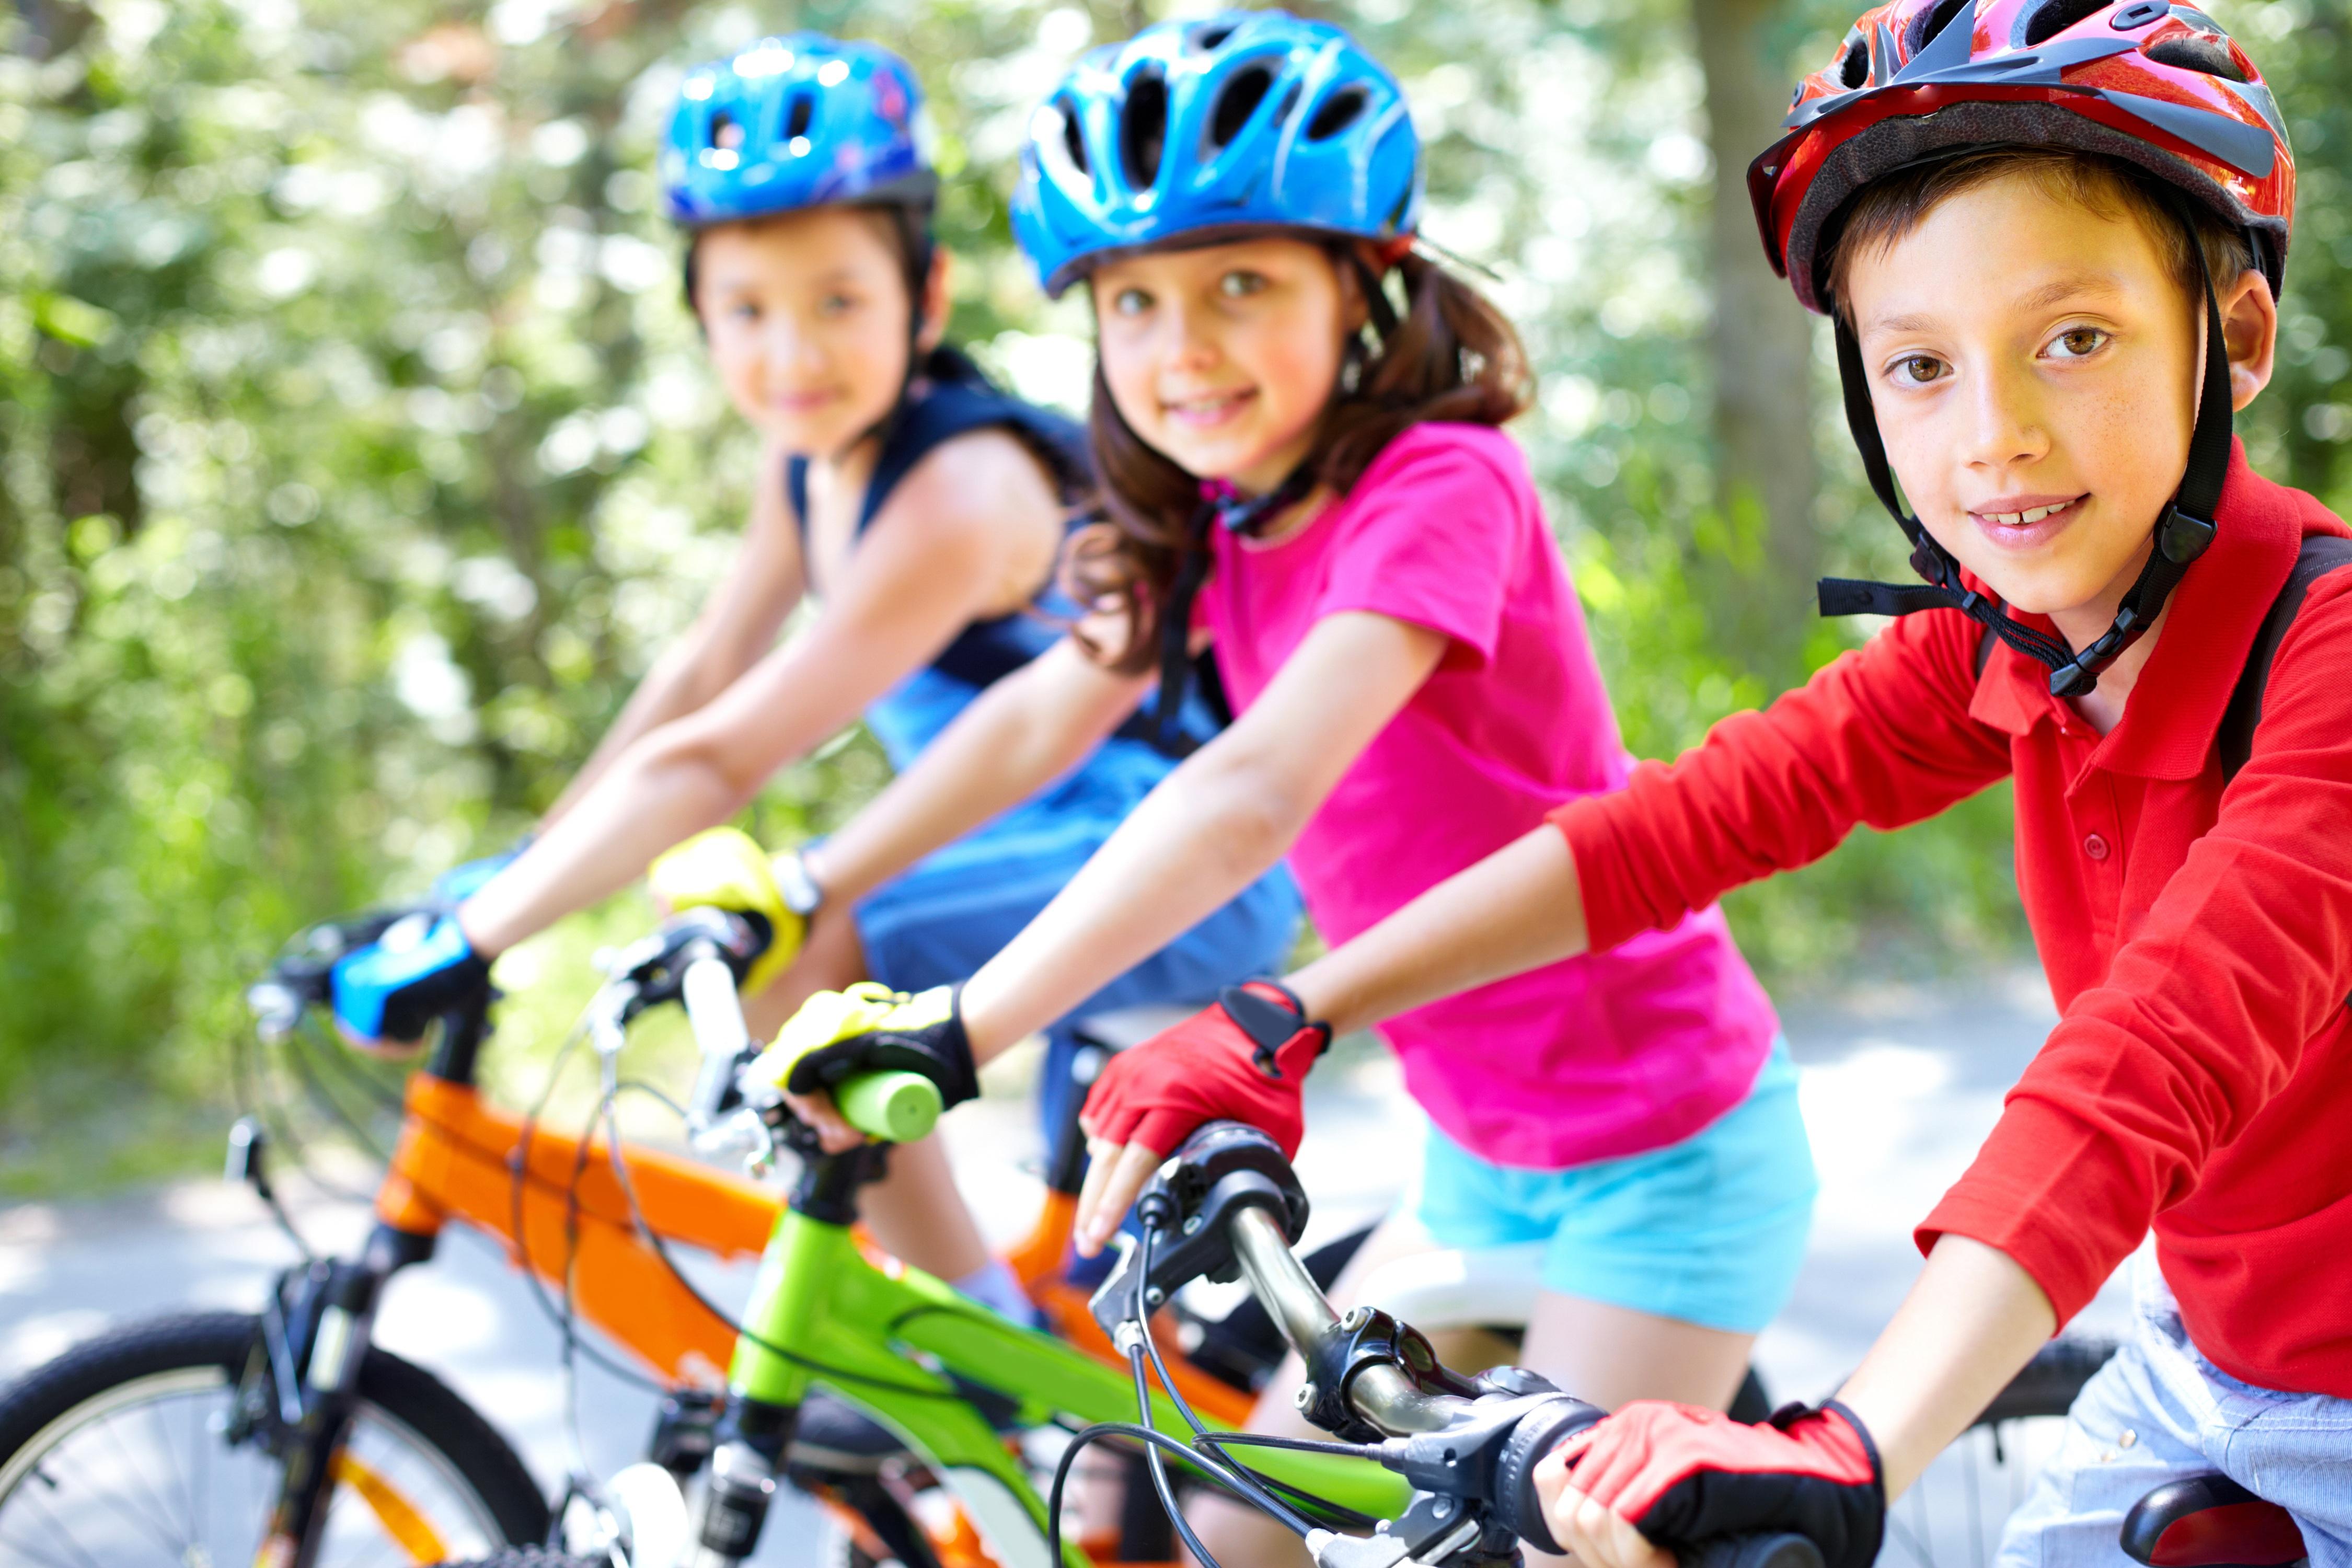 Bicicleta. Practicar deporte en edad escolar